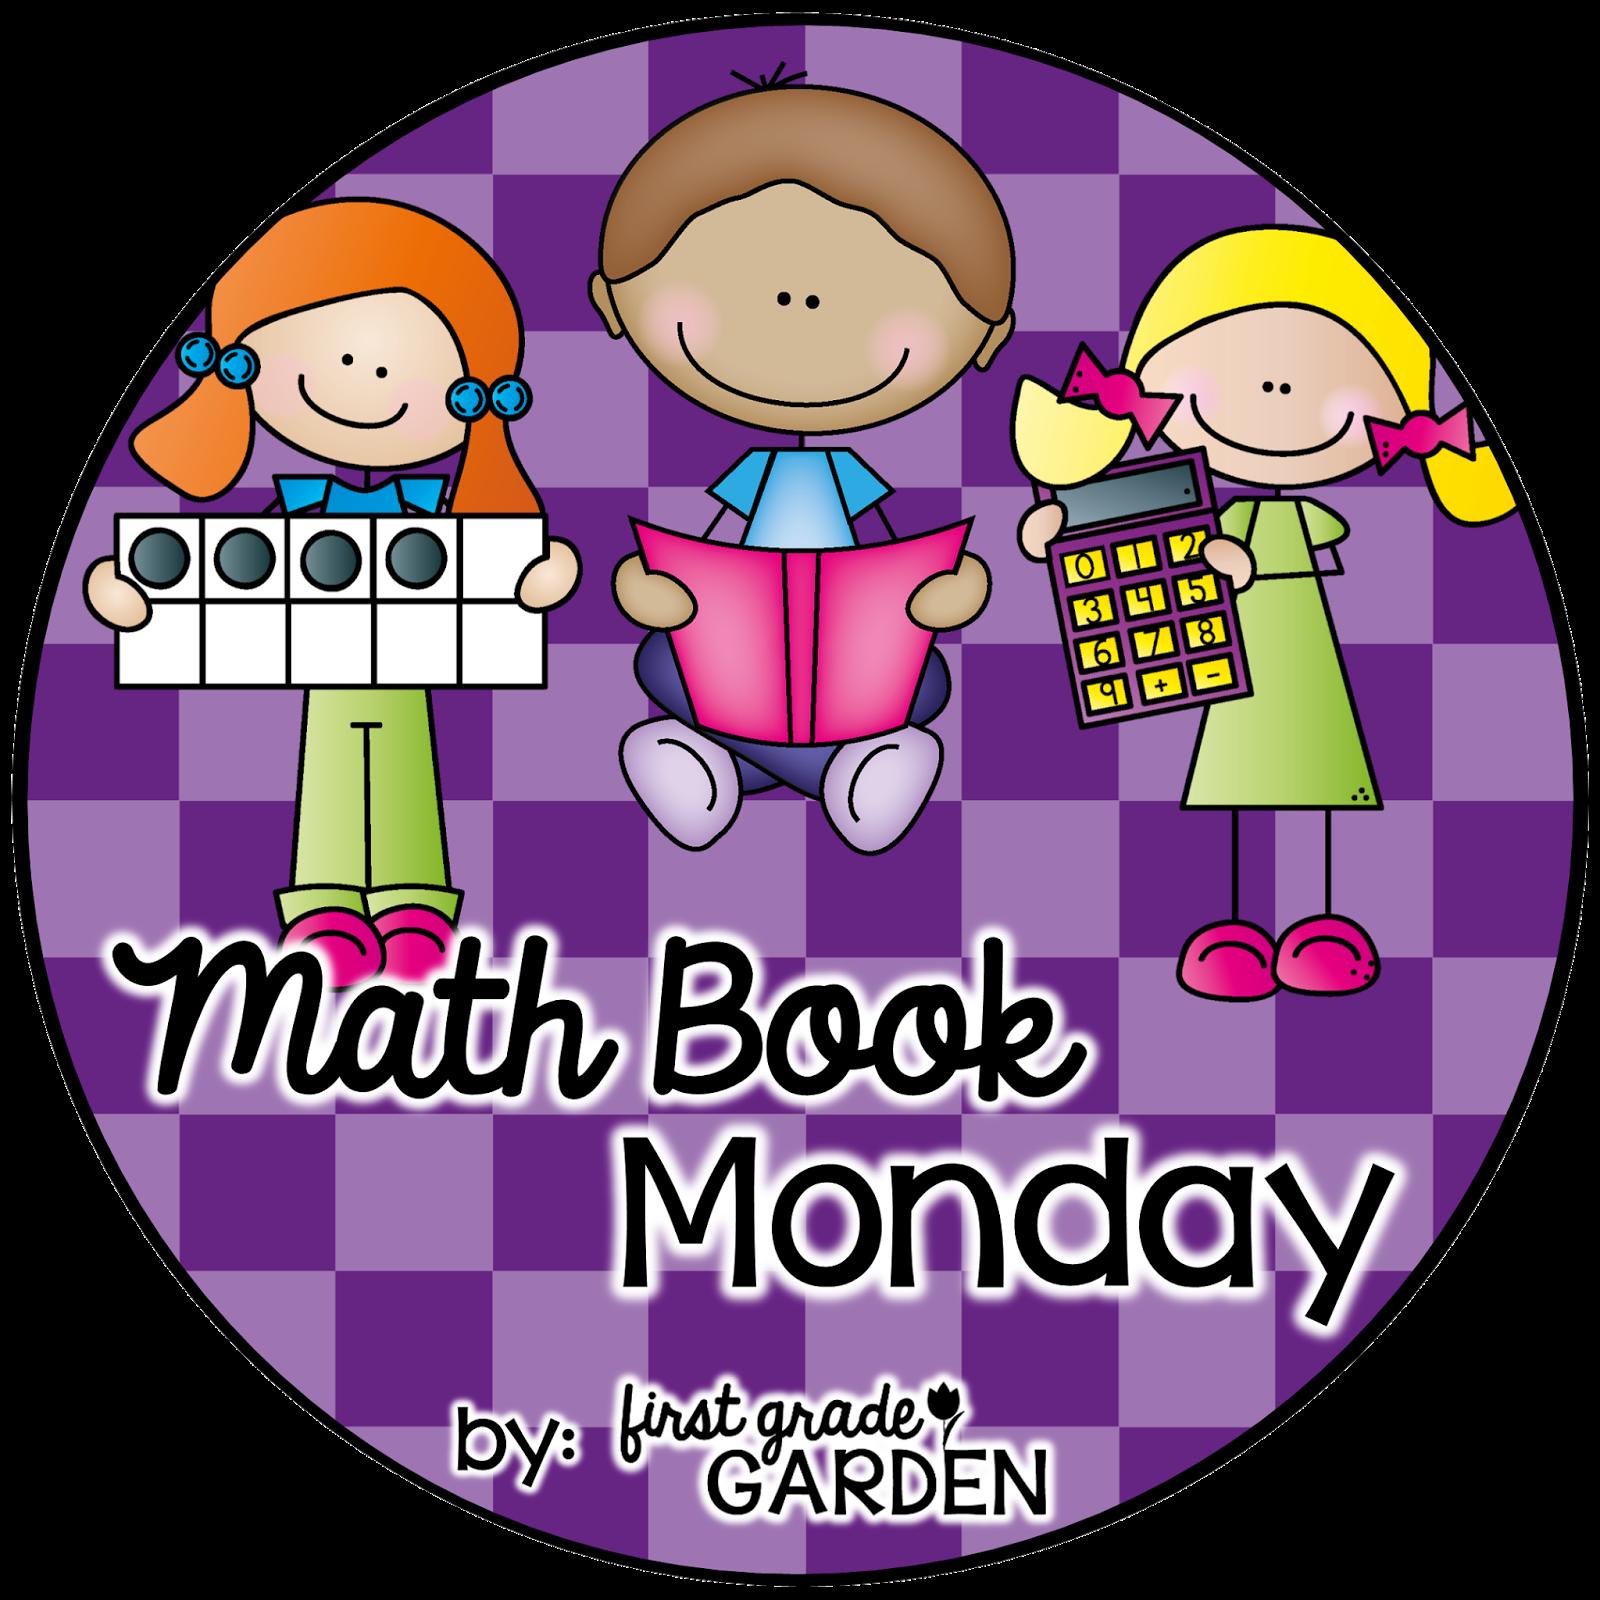 First Grade Garden: Math Book Monday - Ten Little Pirates